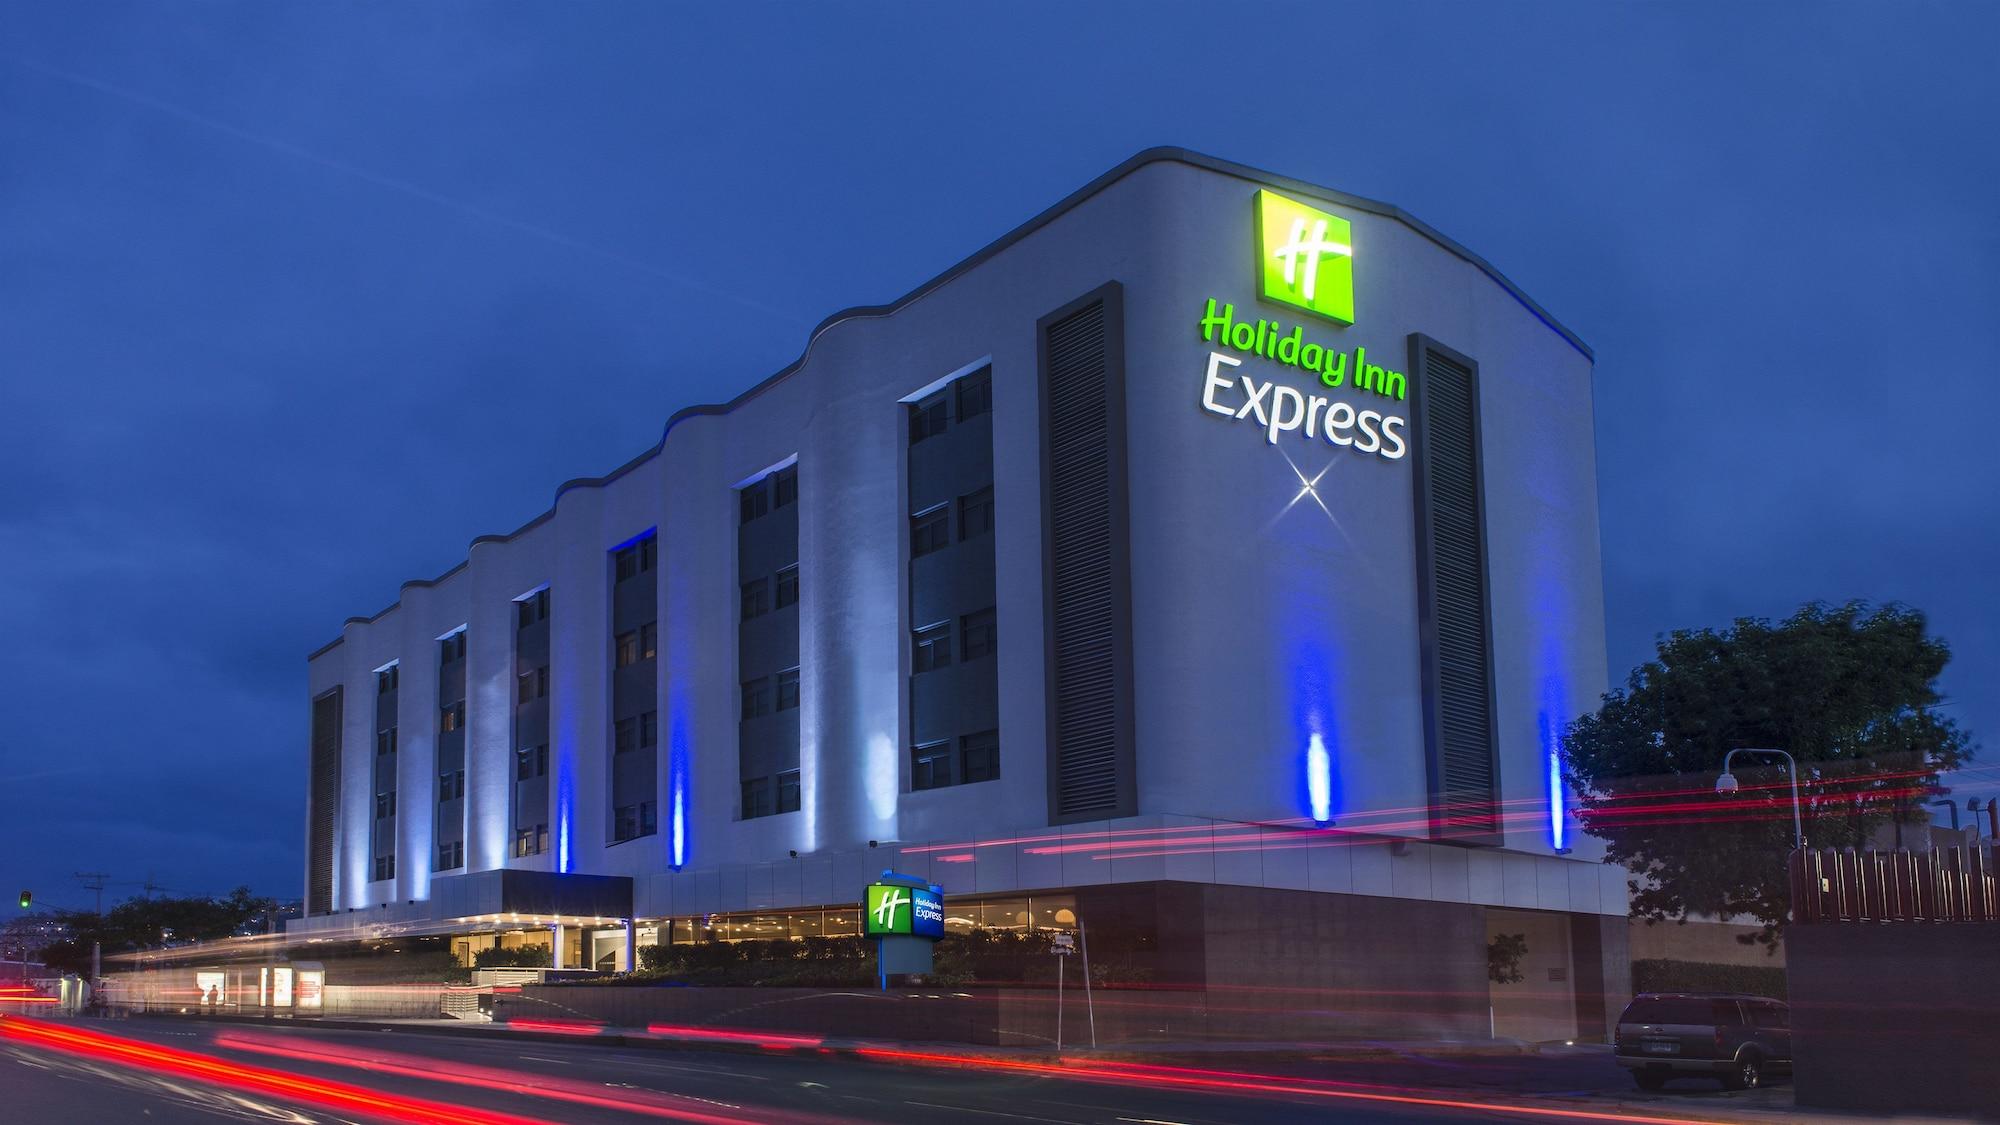 Holiday Inn Express Mexico - Toreo, Naucalpan de Juárez